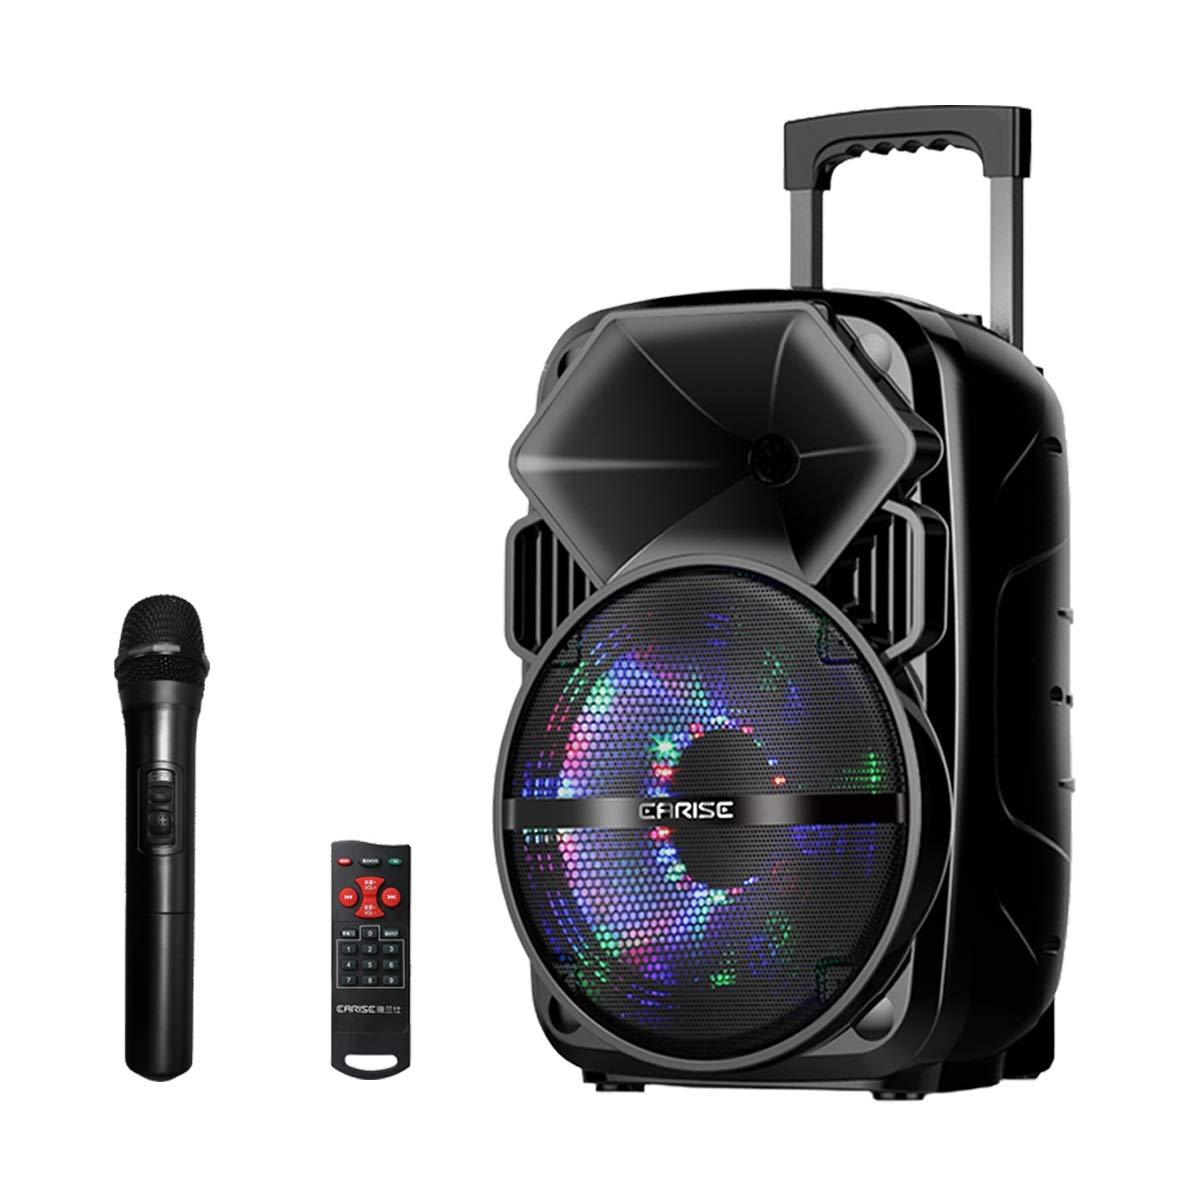 EARISE 500 Watt Bluetooth PA Speaker System with Wireless Microphone, Portable Outdoor Karaoke Machine - Fun wireless speaker for party - V30 BLACK by Earise